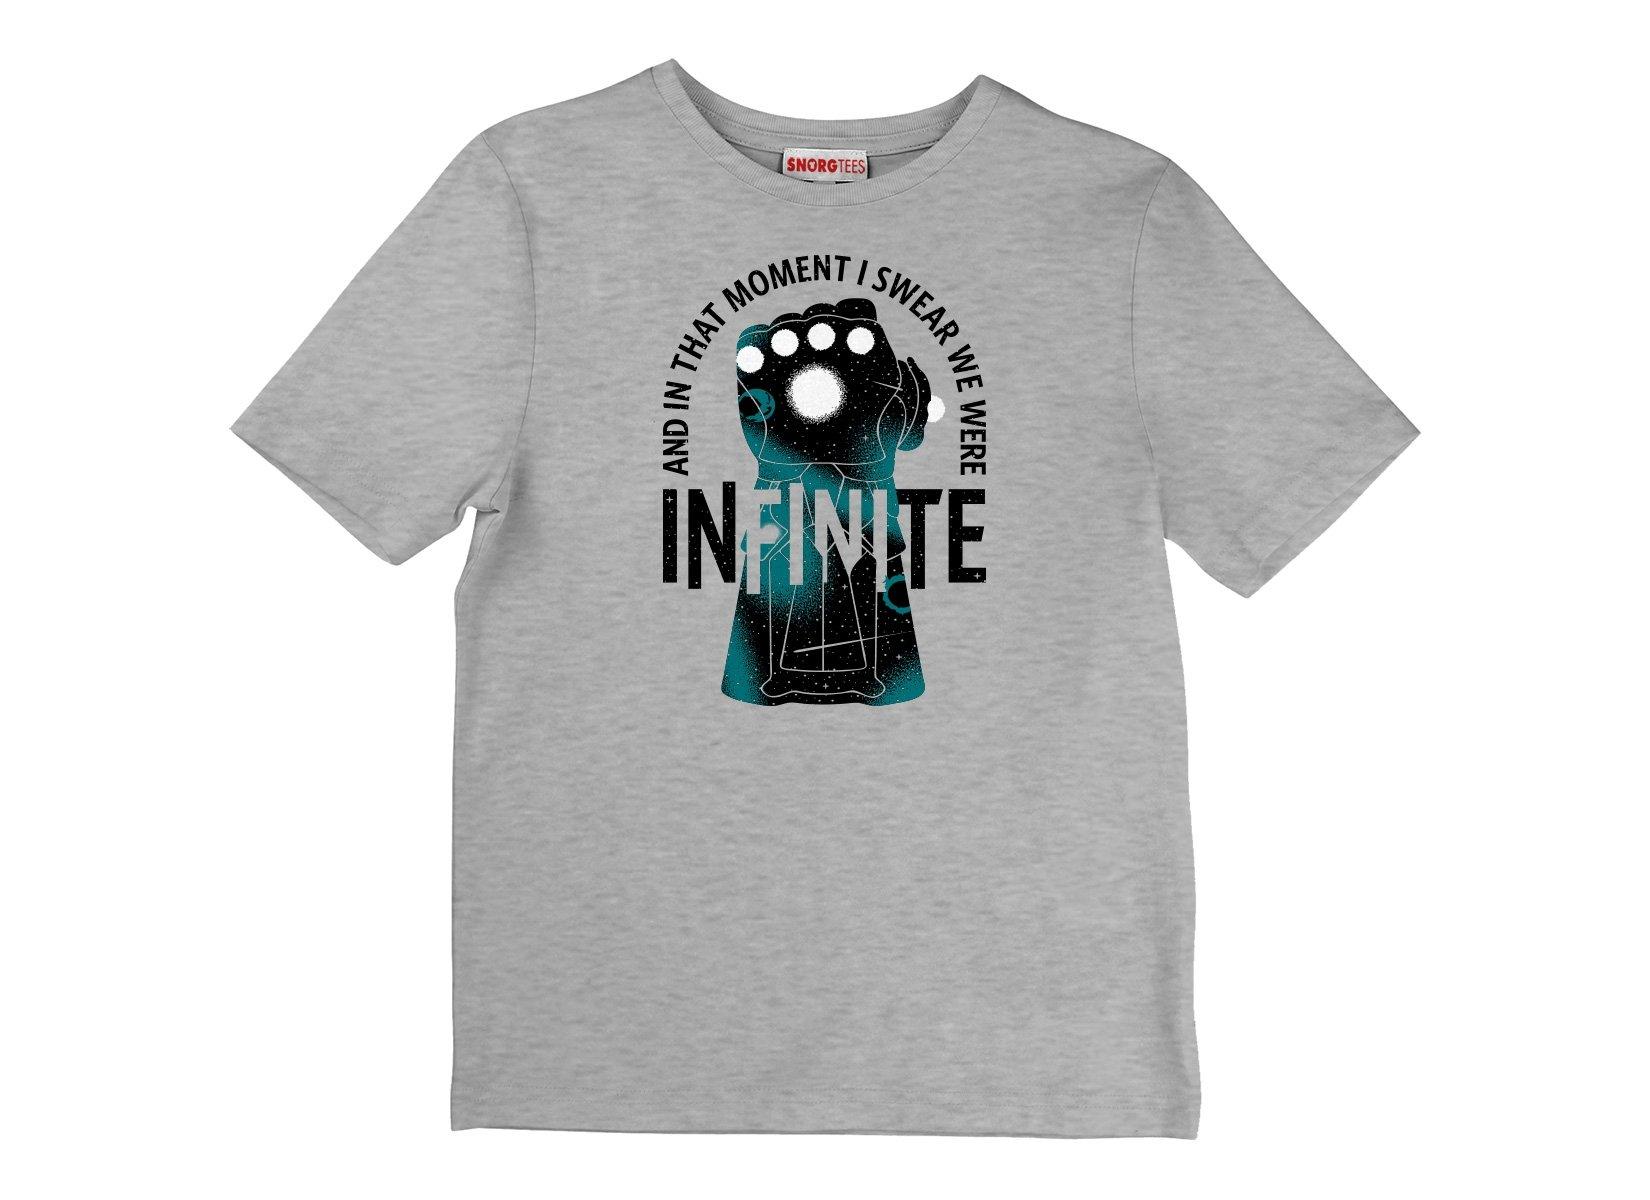 We Were Infinite on Kids T-Shirt